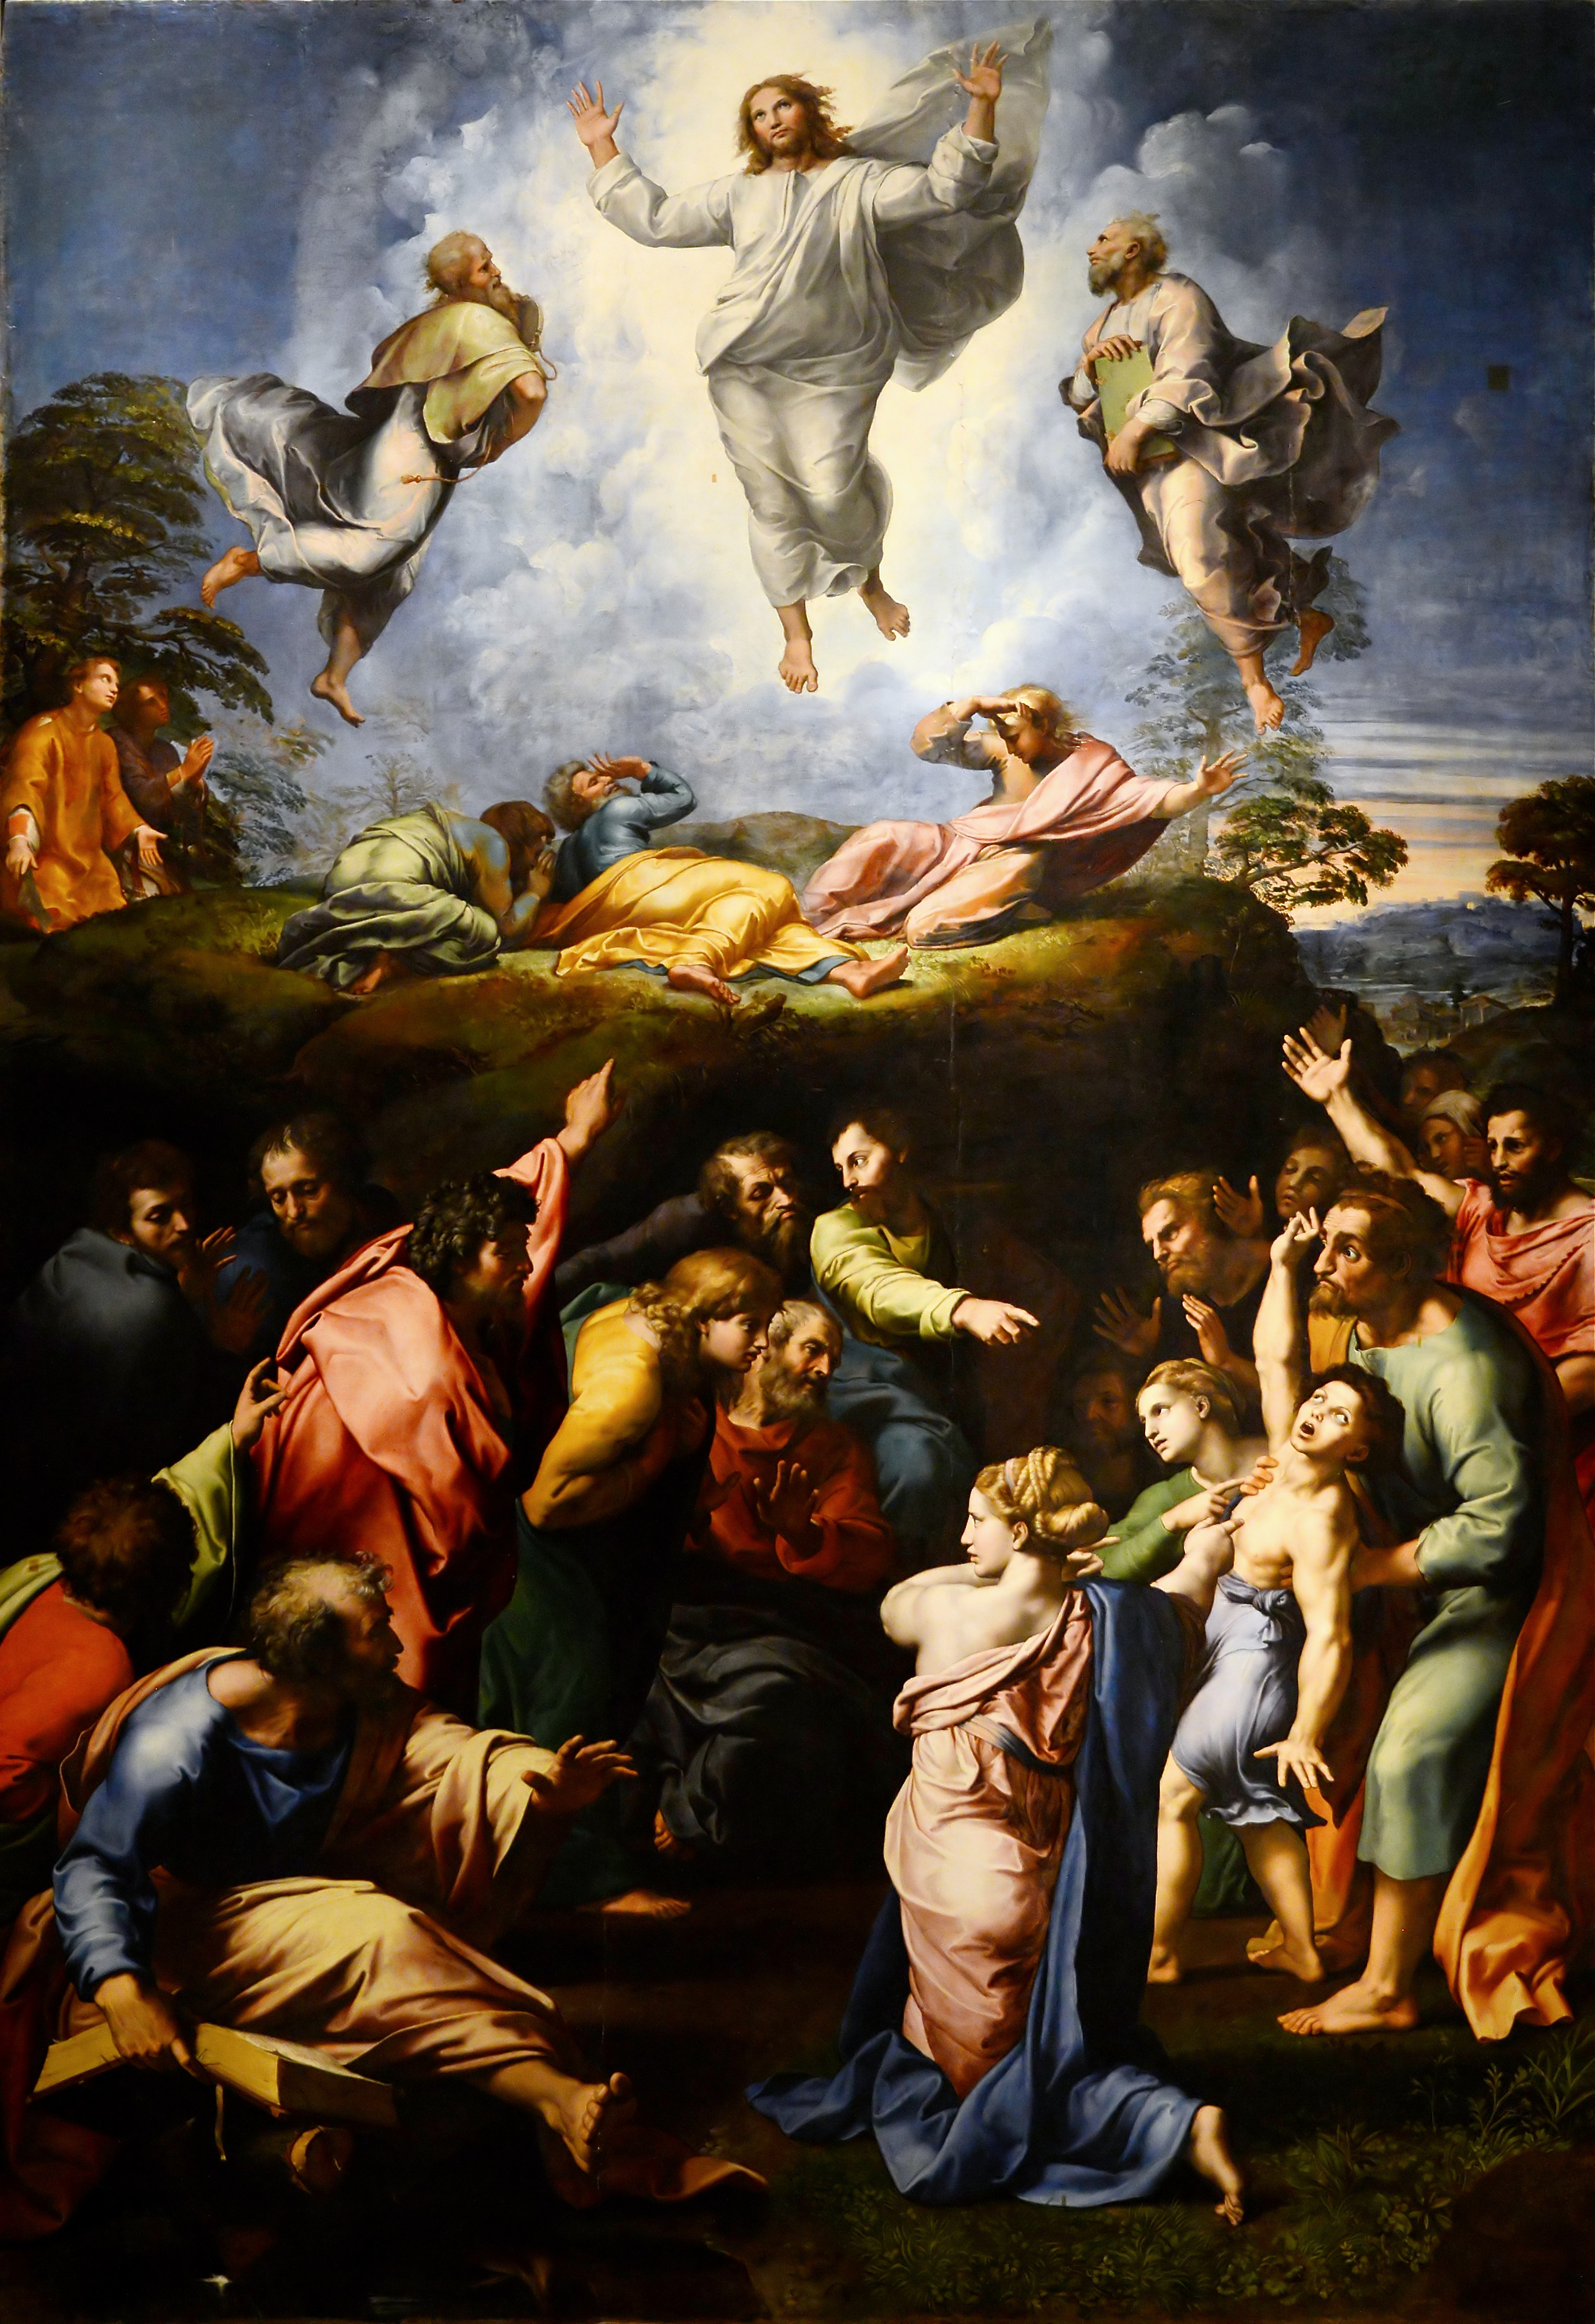 Raphael Ascension or Transfigurazione